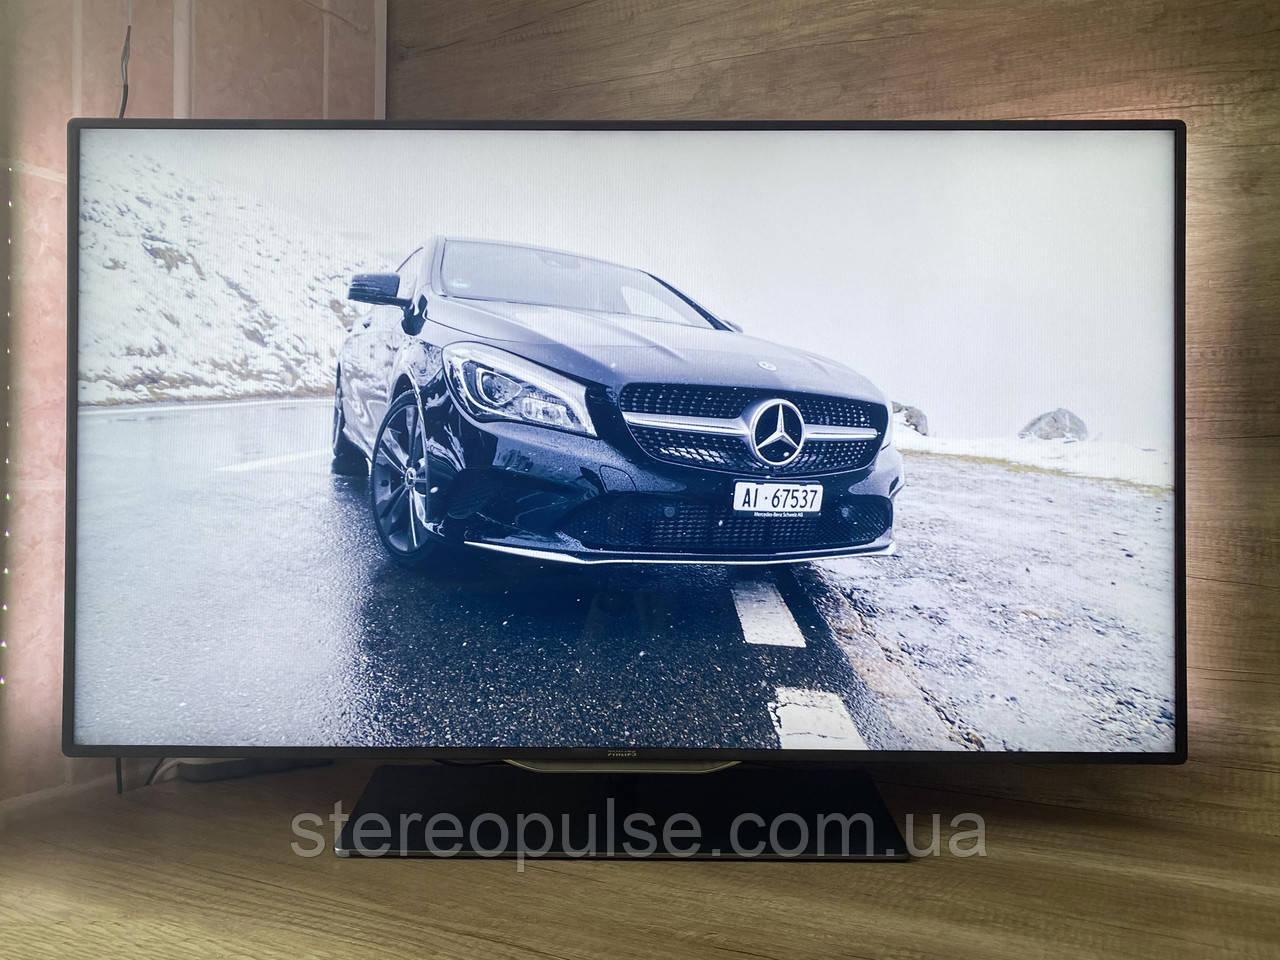 """LED телевізор 46"""" Philips 46PFL8007Т/12 (Full HD, WiFi, 3D, USB)"""